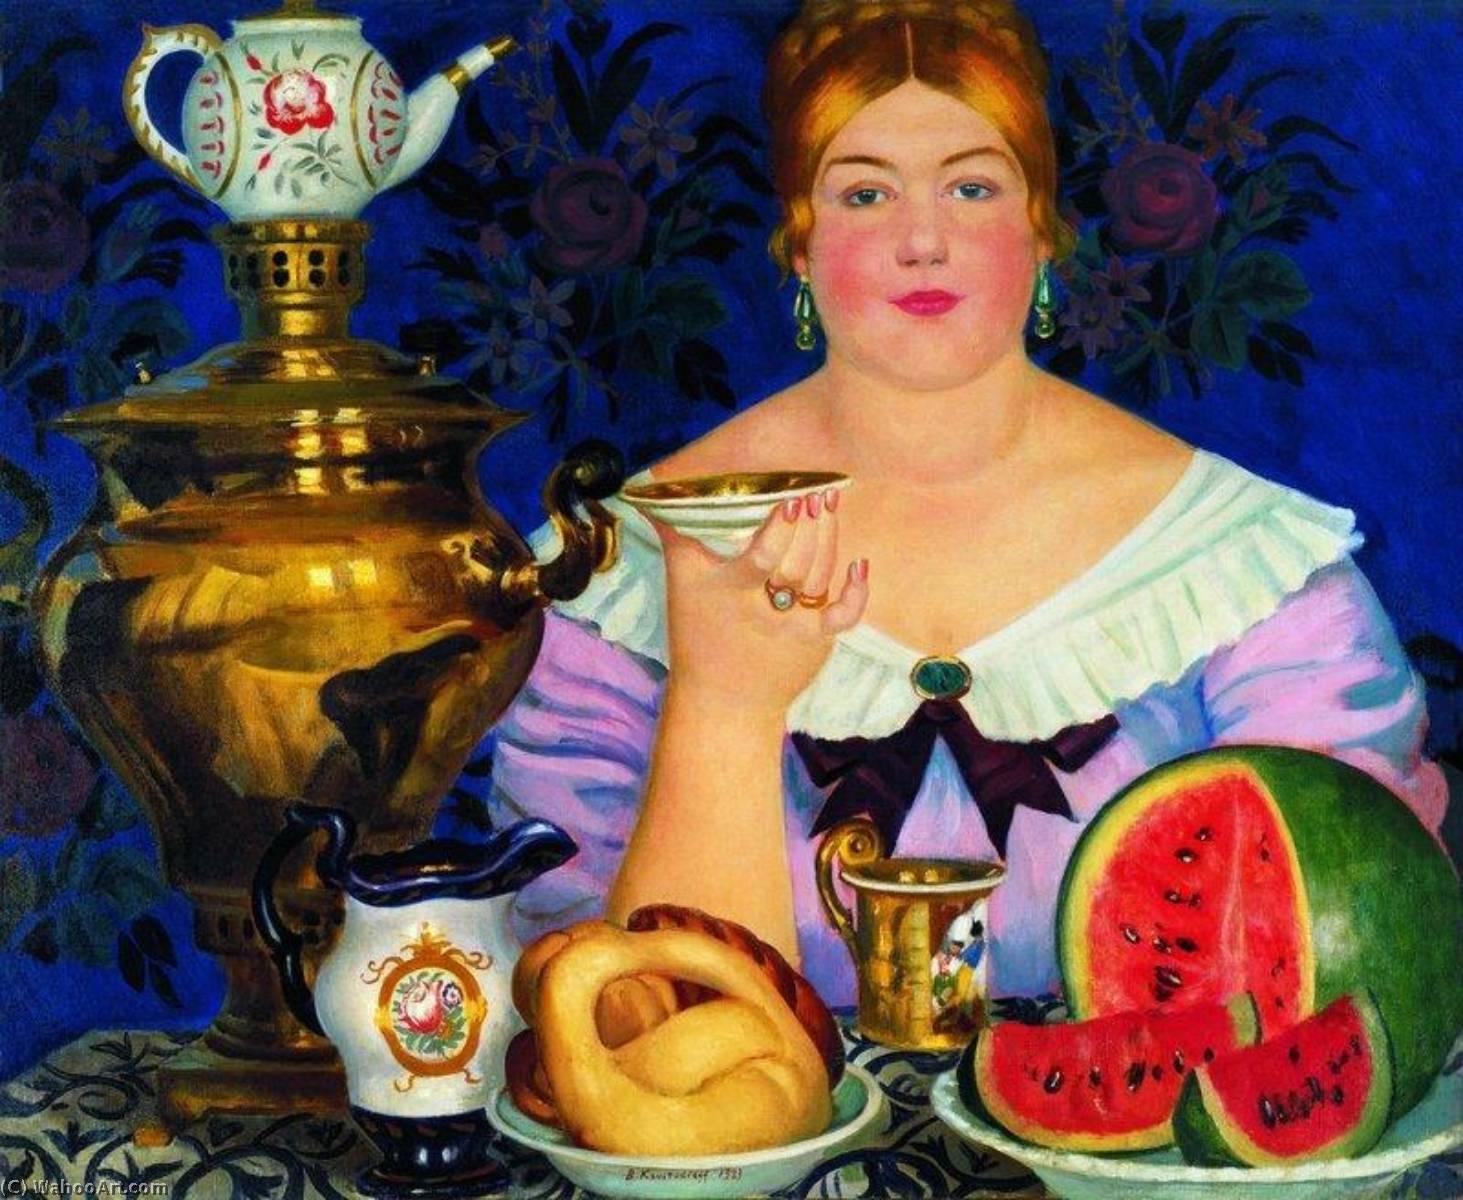 17世紀,莫斯科商人開始從中國進口茶葉,康熙年間還簽訂長期貿易協定。福建武夷山的茶葉,得經過萬里漫漫長路運輸,價格昂貴,喝茶成為俄國上流社會的身分象徵。 圖│Boris Mikhaylovich Kustodiev,1918